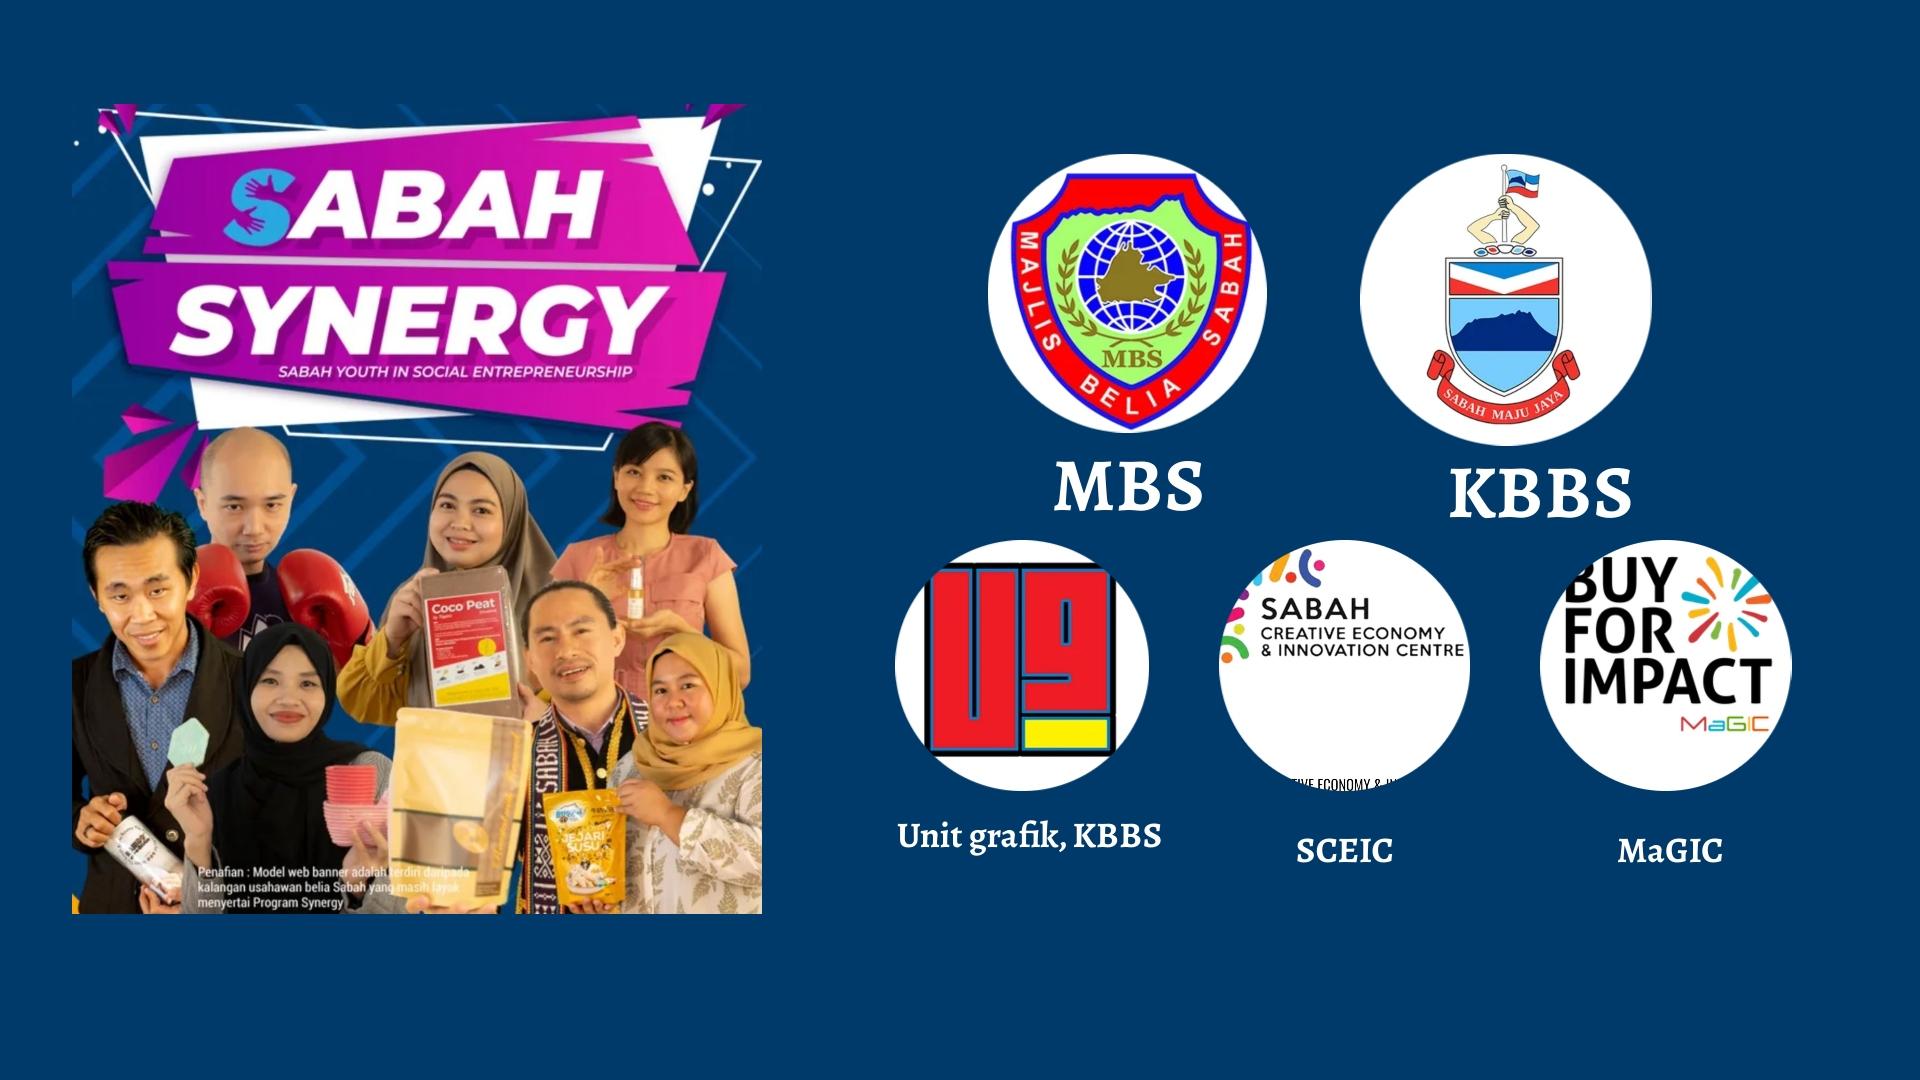 Sabah Synergy